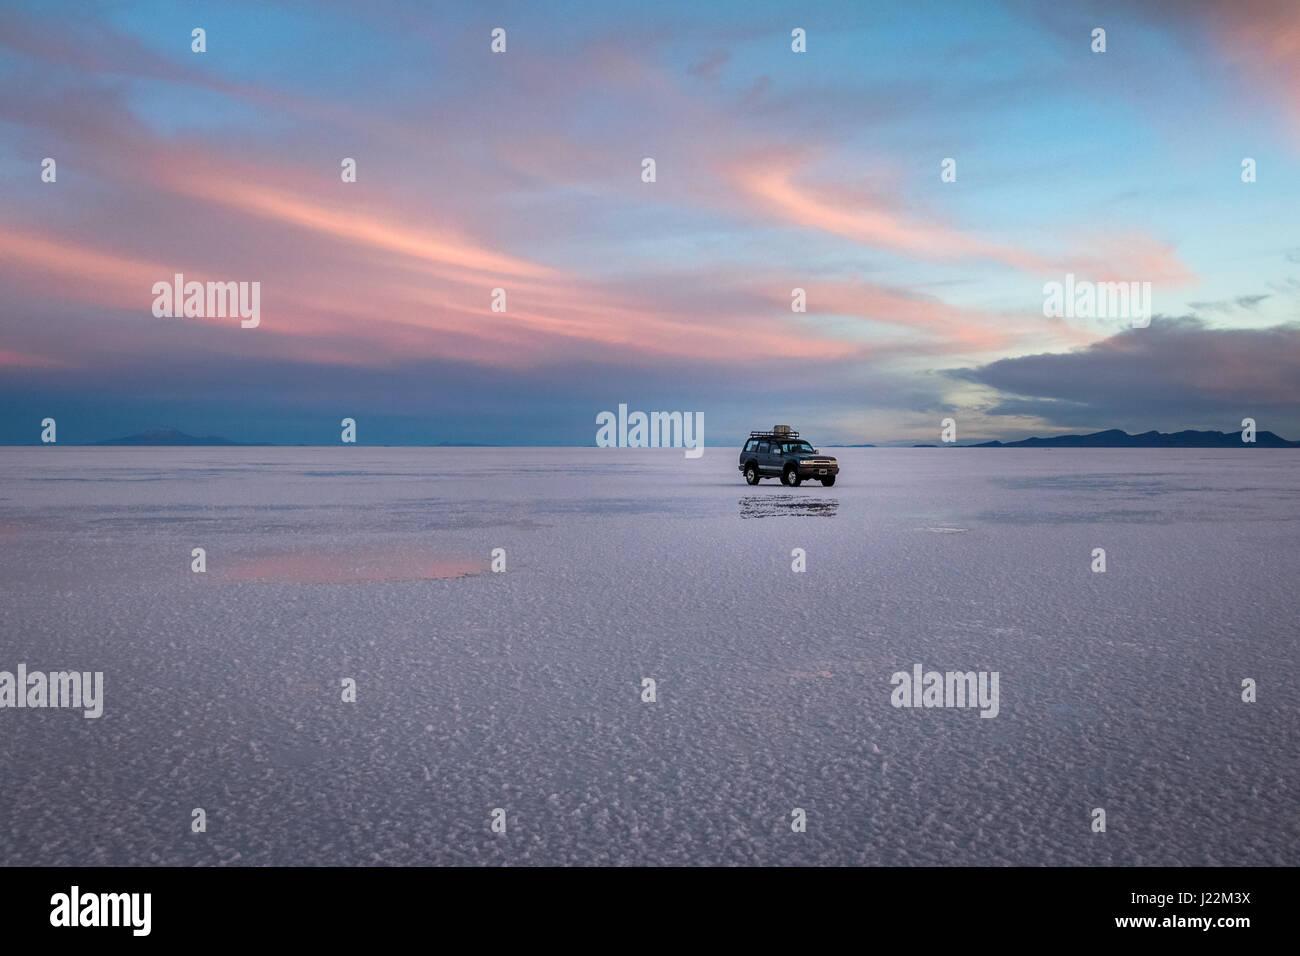 Vehículo off-road al amanecer en el Salar de Uyuni salar - El Departamento de Potosí, Bolivia Imagen De Stock